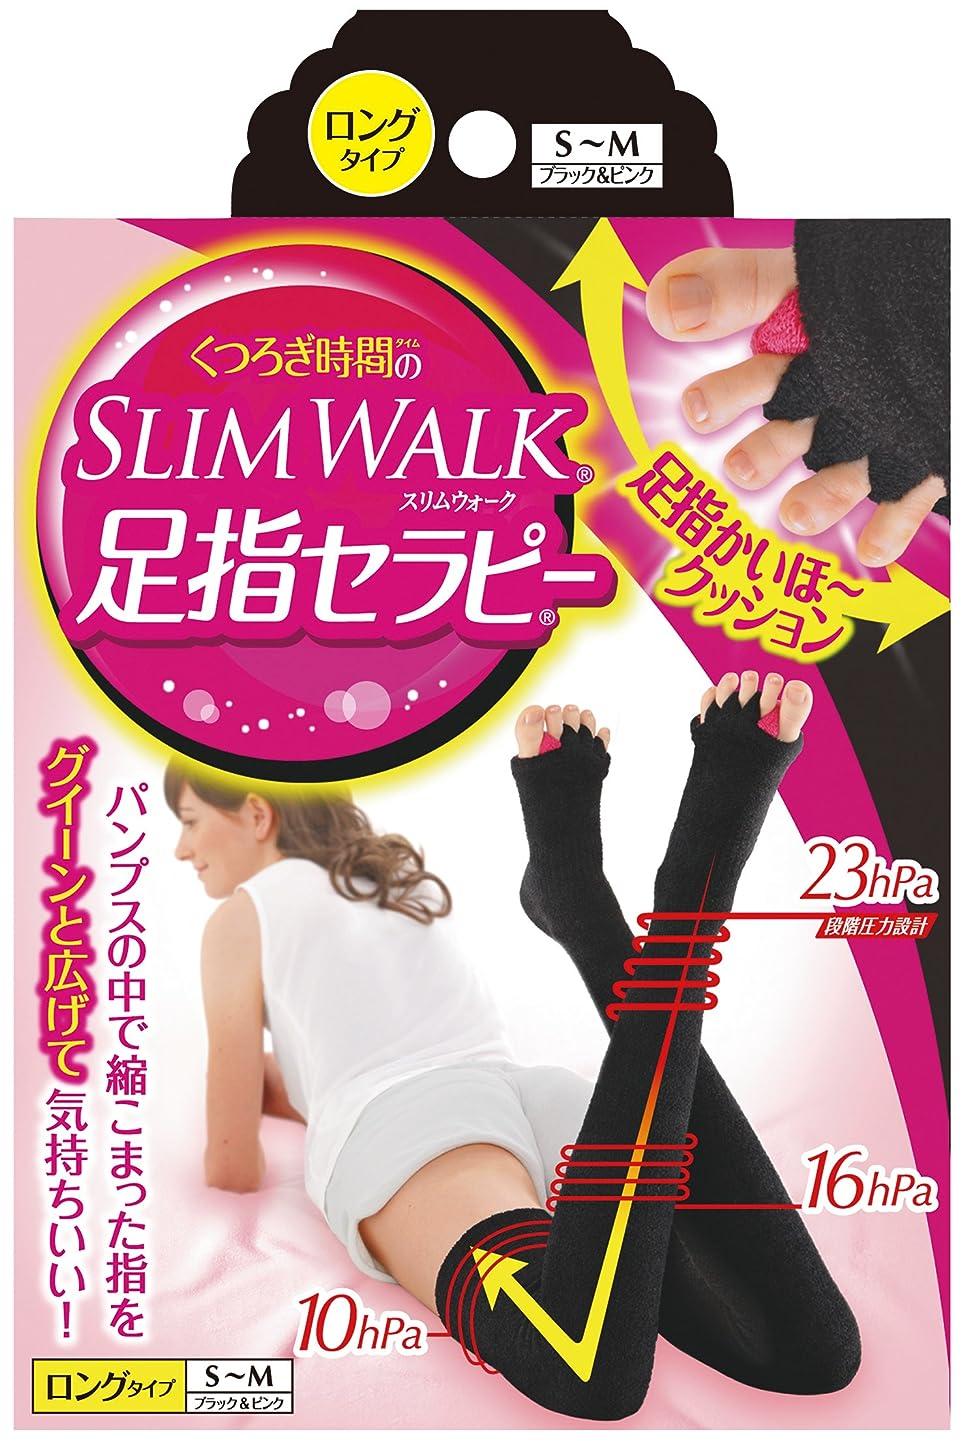 端末渇き組み込むスリムウォーク 足指セラピー (冬用) ロングタイプ S-Mサイズ ブラック&ピンク(SLIMWALK,split open-toe socks,SM)